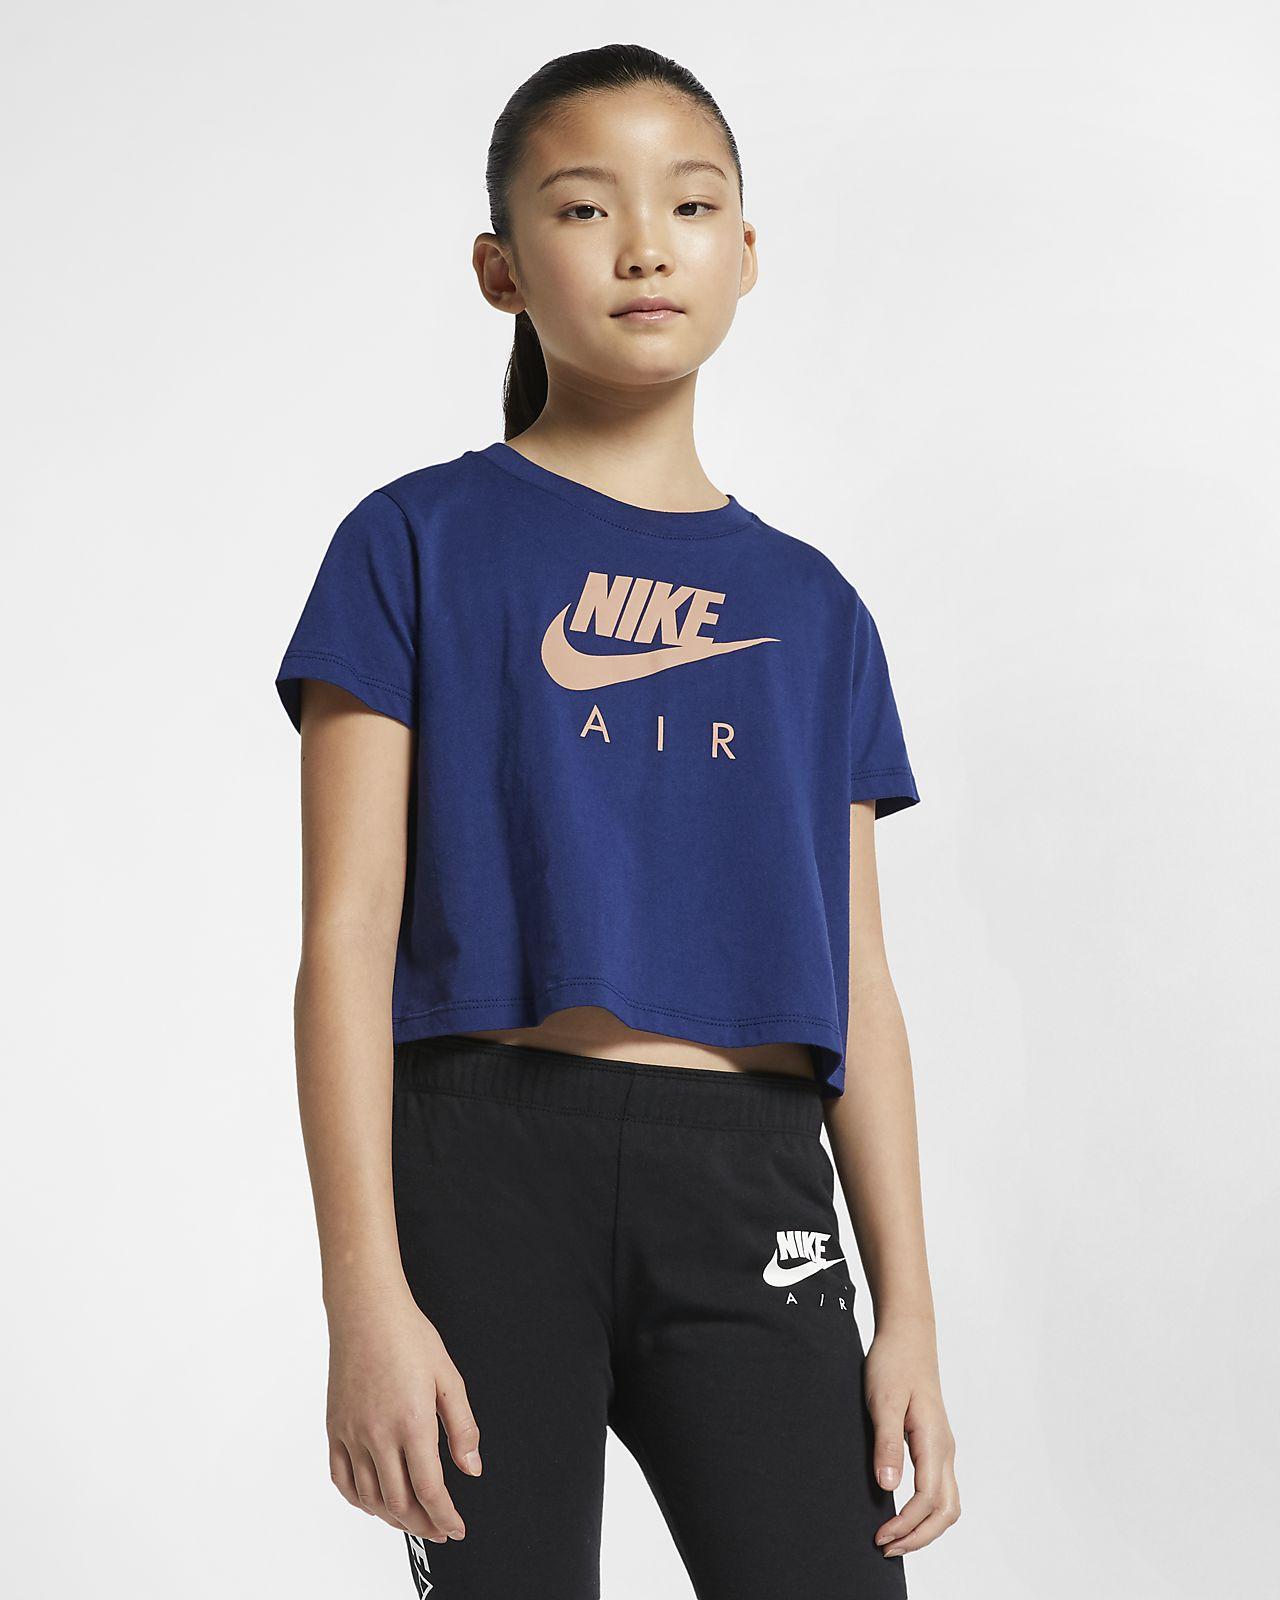 Μπλούζα με κοντό μήκος Nike Air για μεγάλα κορίτσια